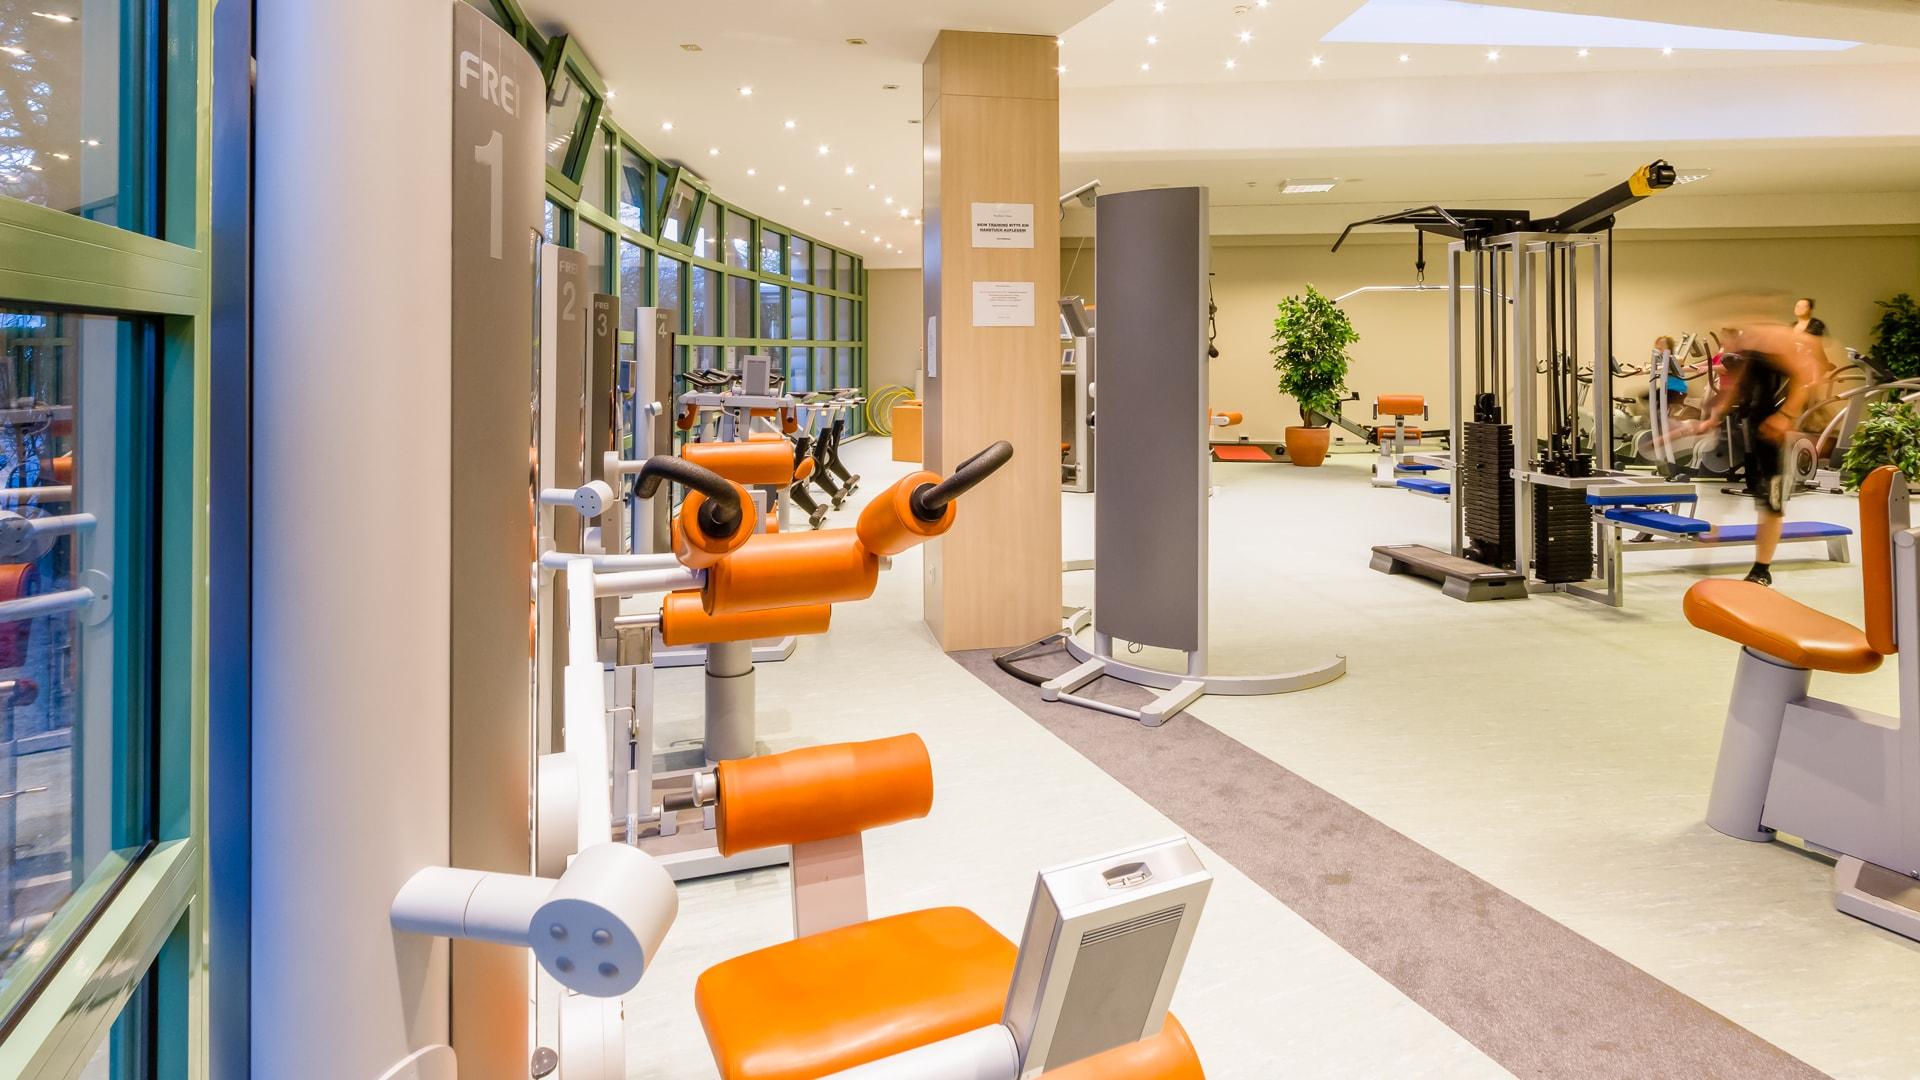 33 Michels_Hotels_Thalassohotel_Nordseehaus_Wellnessbereich_Fitnessstudio